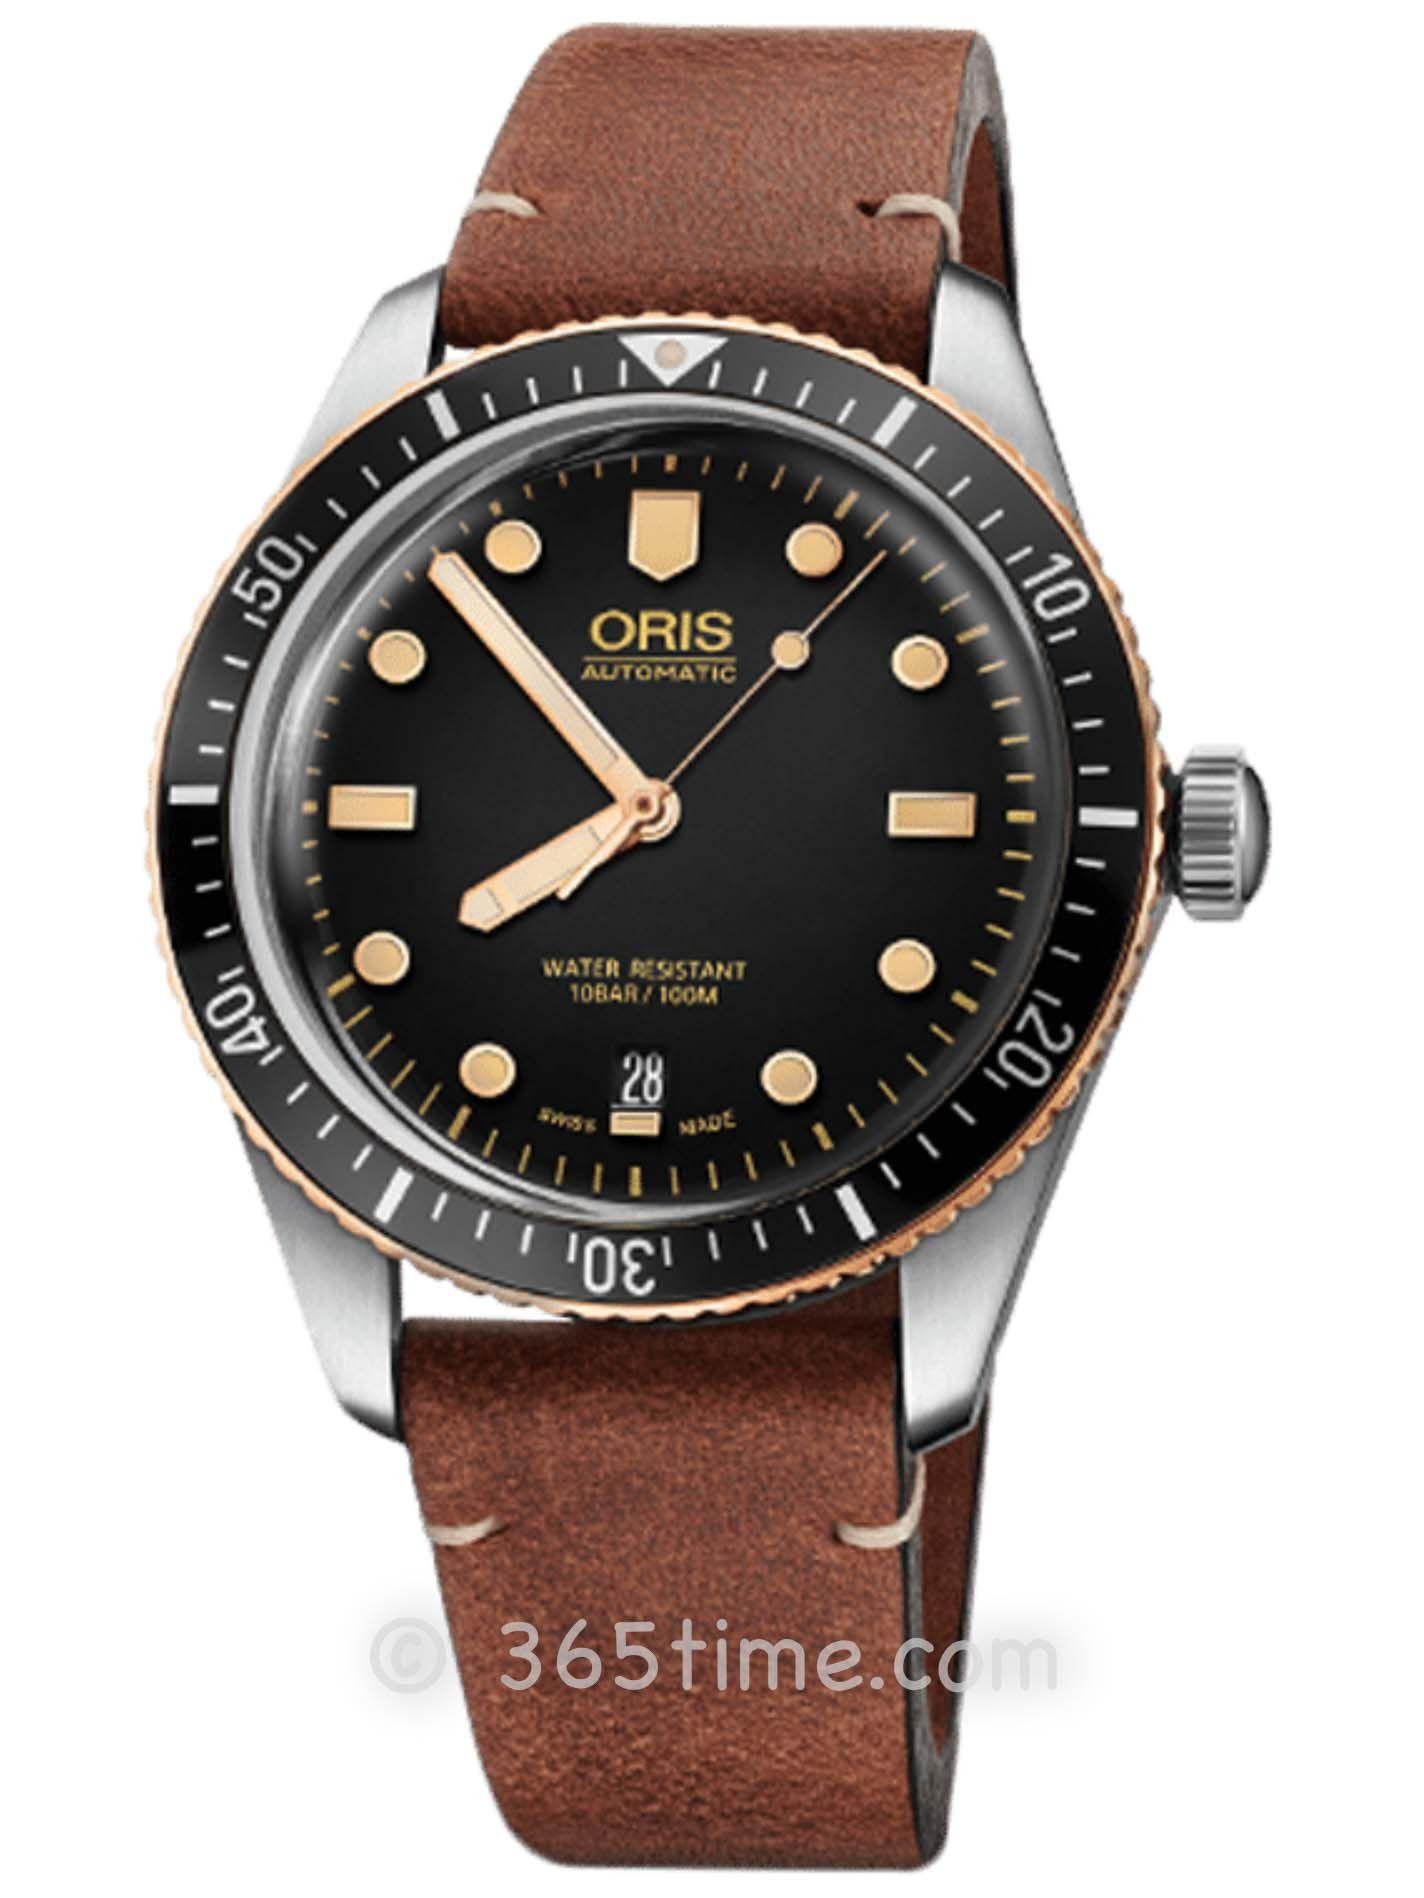 Oris豪利时潜水系列65年复刻版潜水腕表01 733 7707 4354-07 5 20 45